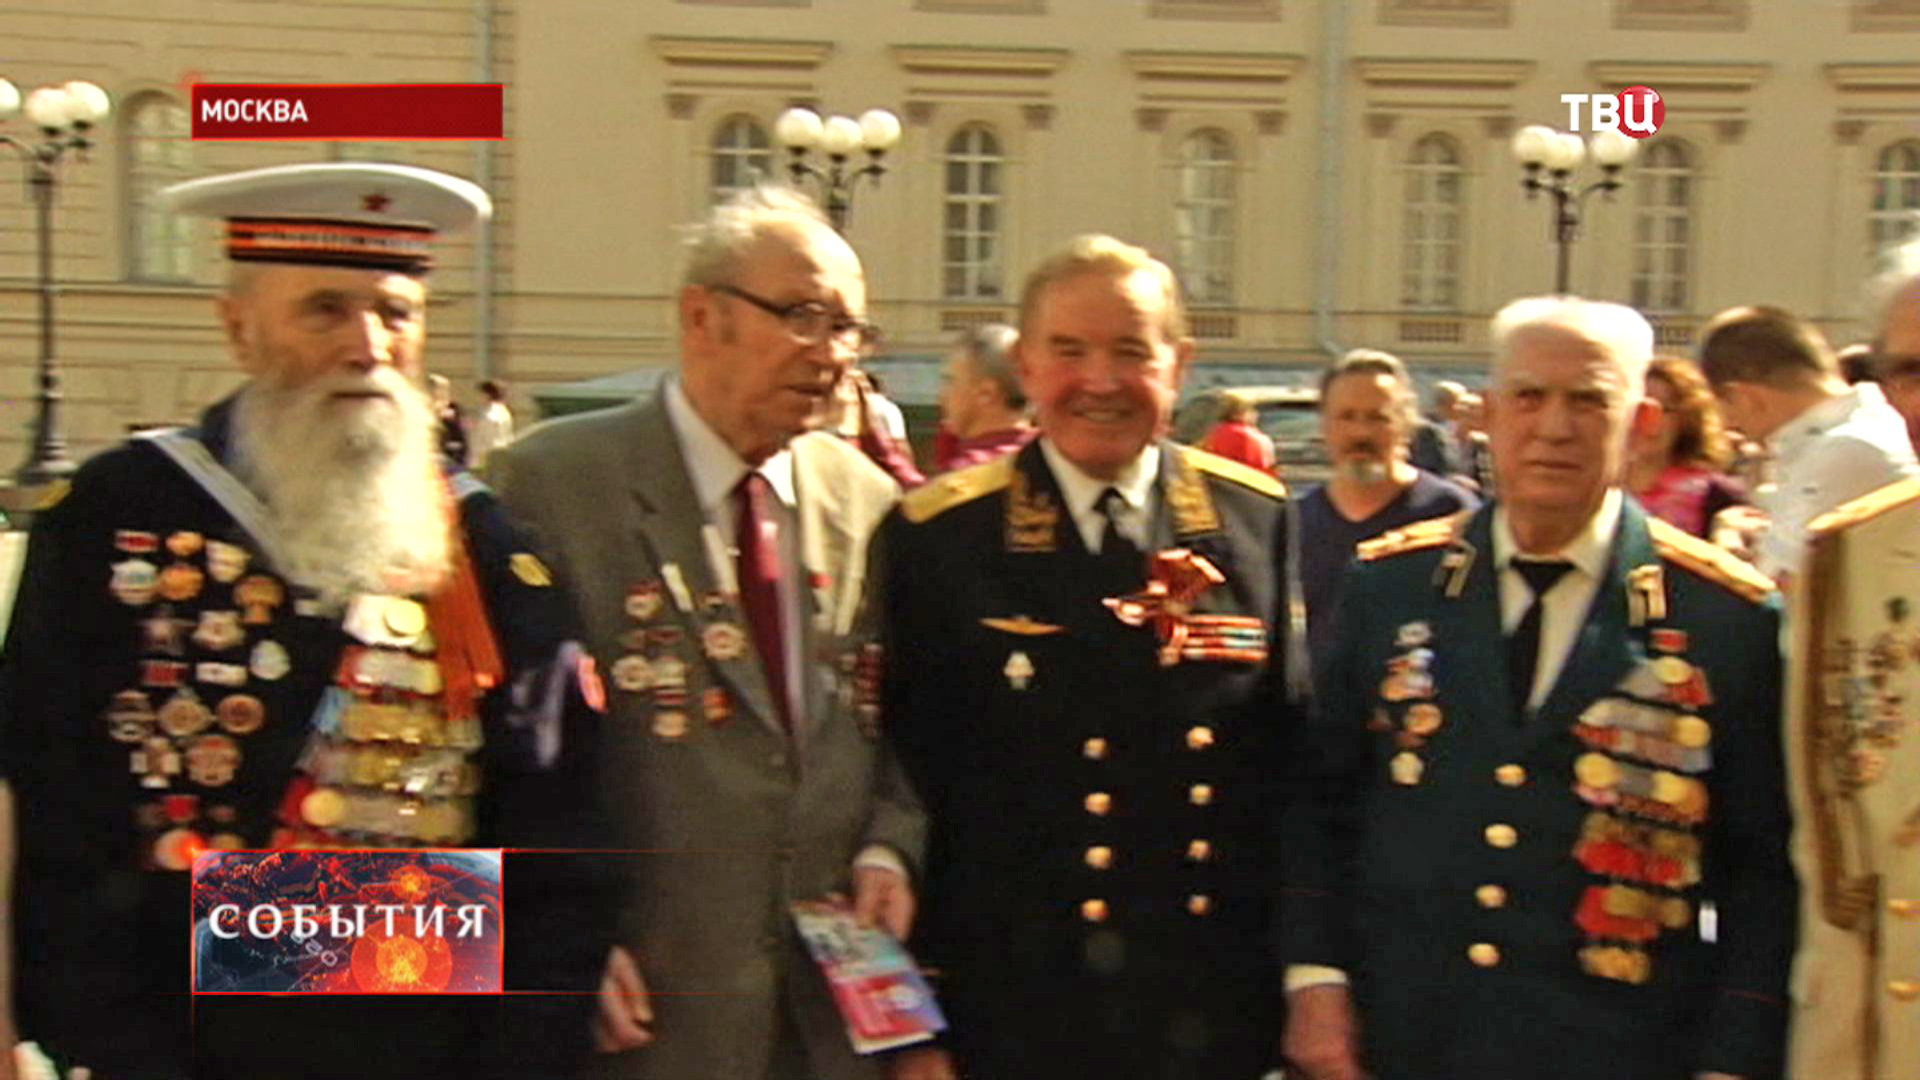 Встреча ветеранов Великой Отечественной войны в Москве